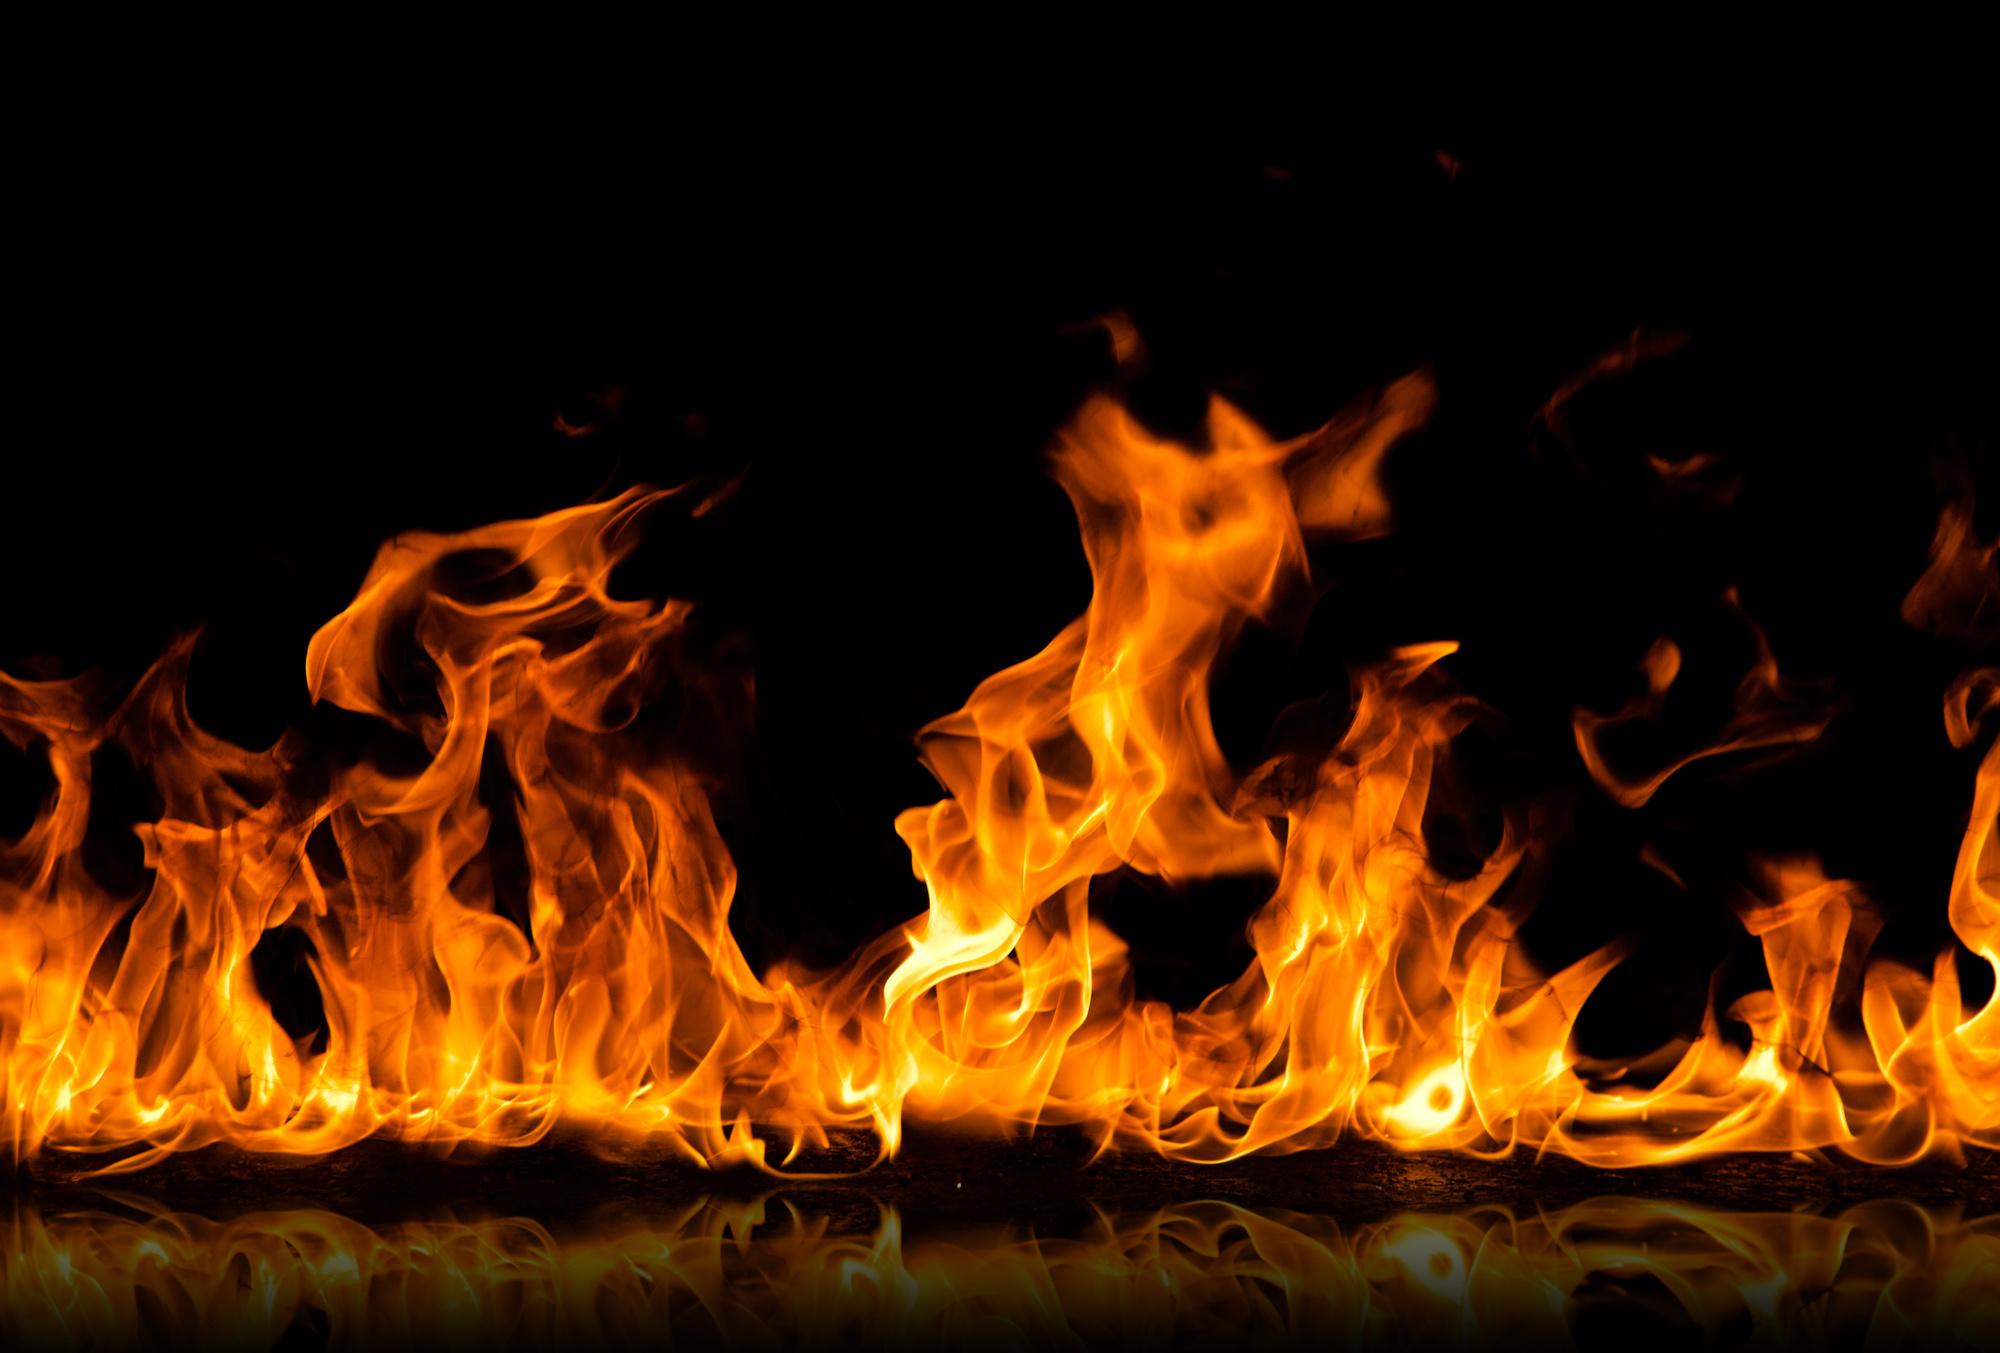 چطور با ویرایش بد یک پیش نویس خوب را آتش بزنیم و خاکستر کنیم ؟